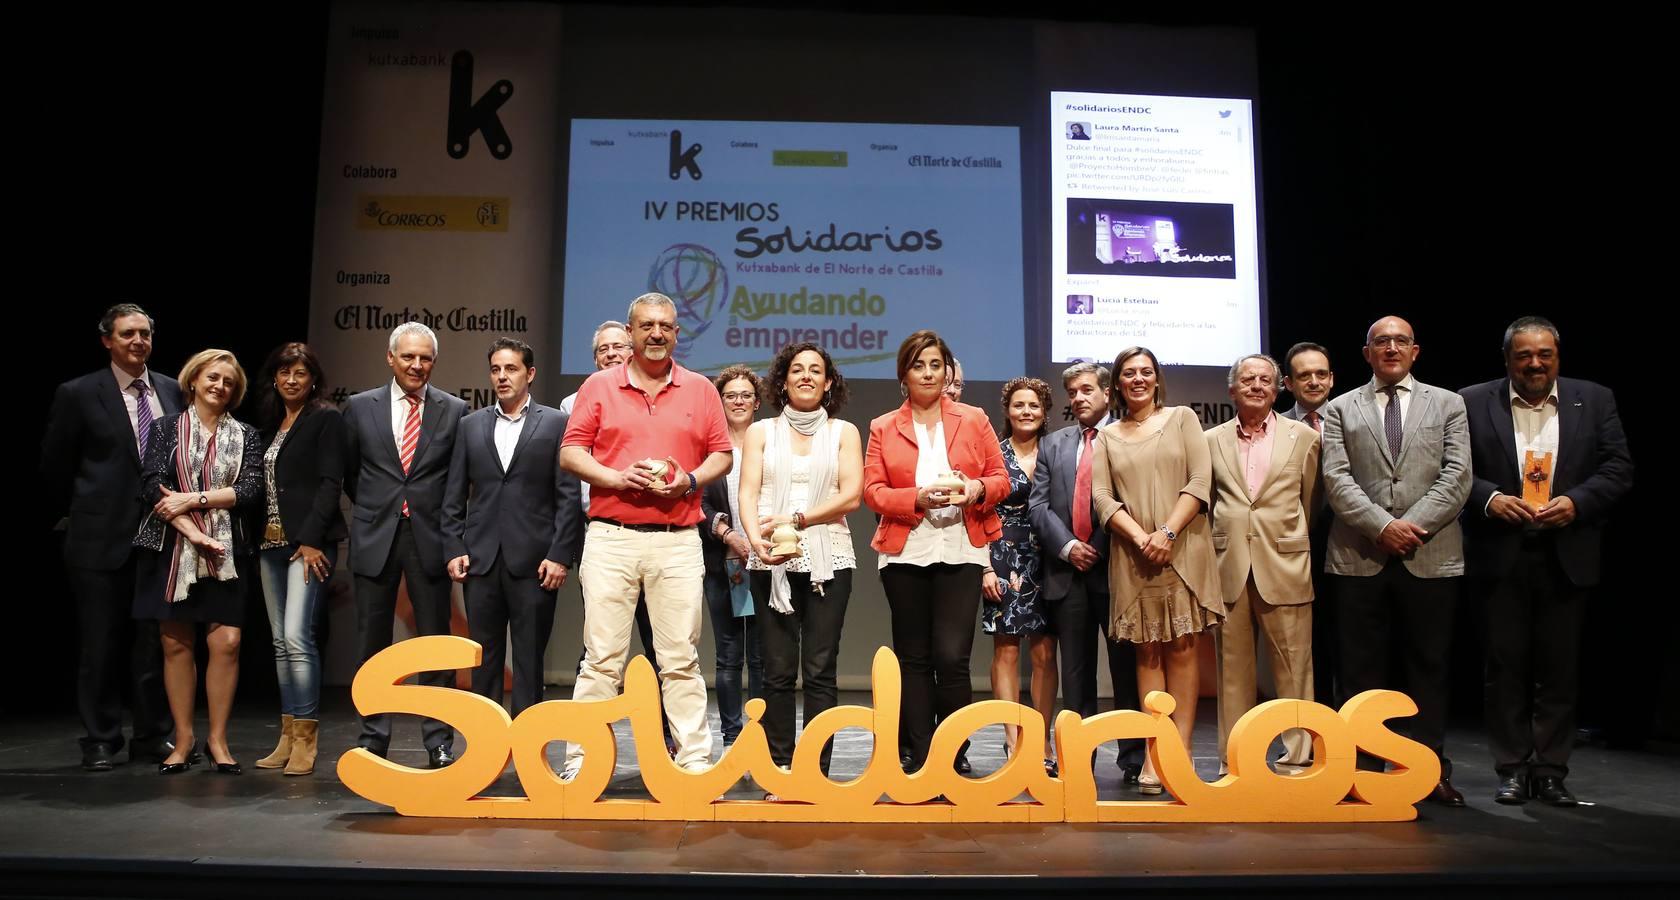 Feclei, Fundación Aldaba y Fundación Intras ganan los IV Premios Solidarios Kutxabank de El Norte de Castilla